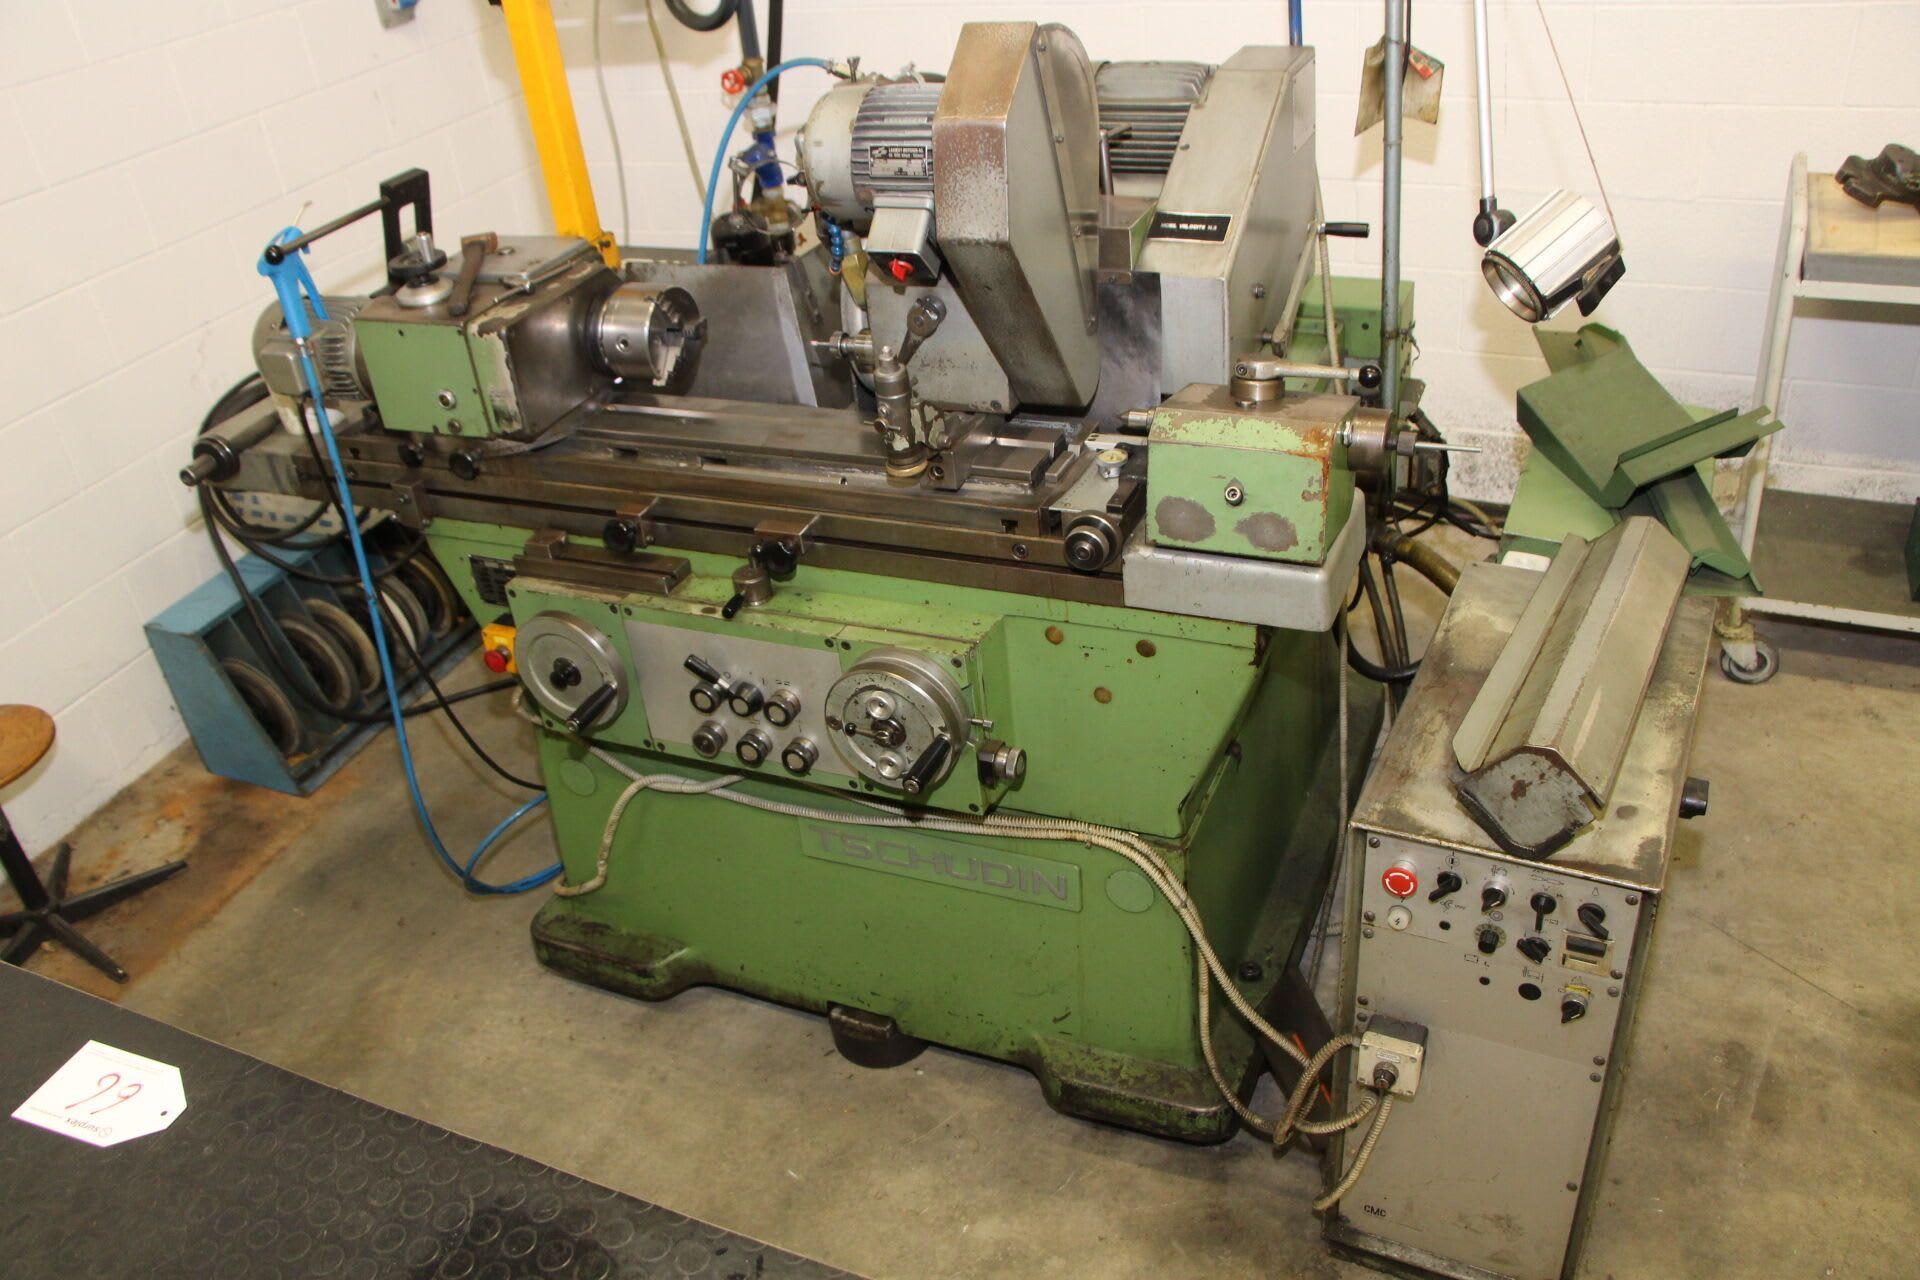 TSCHUDIN HTG-410 Evrensel-Schleifmaschine